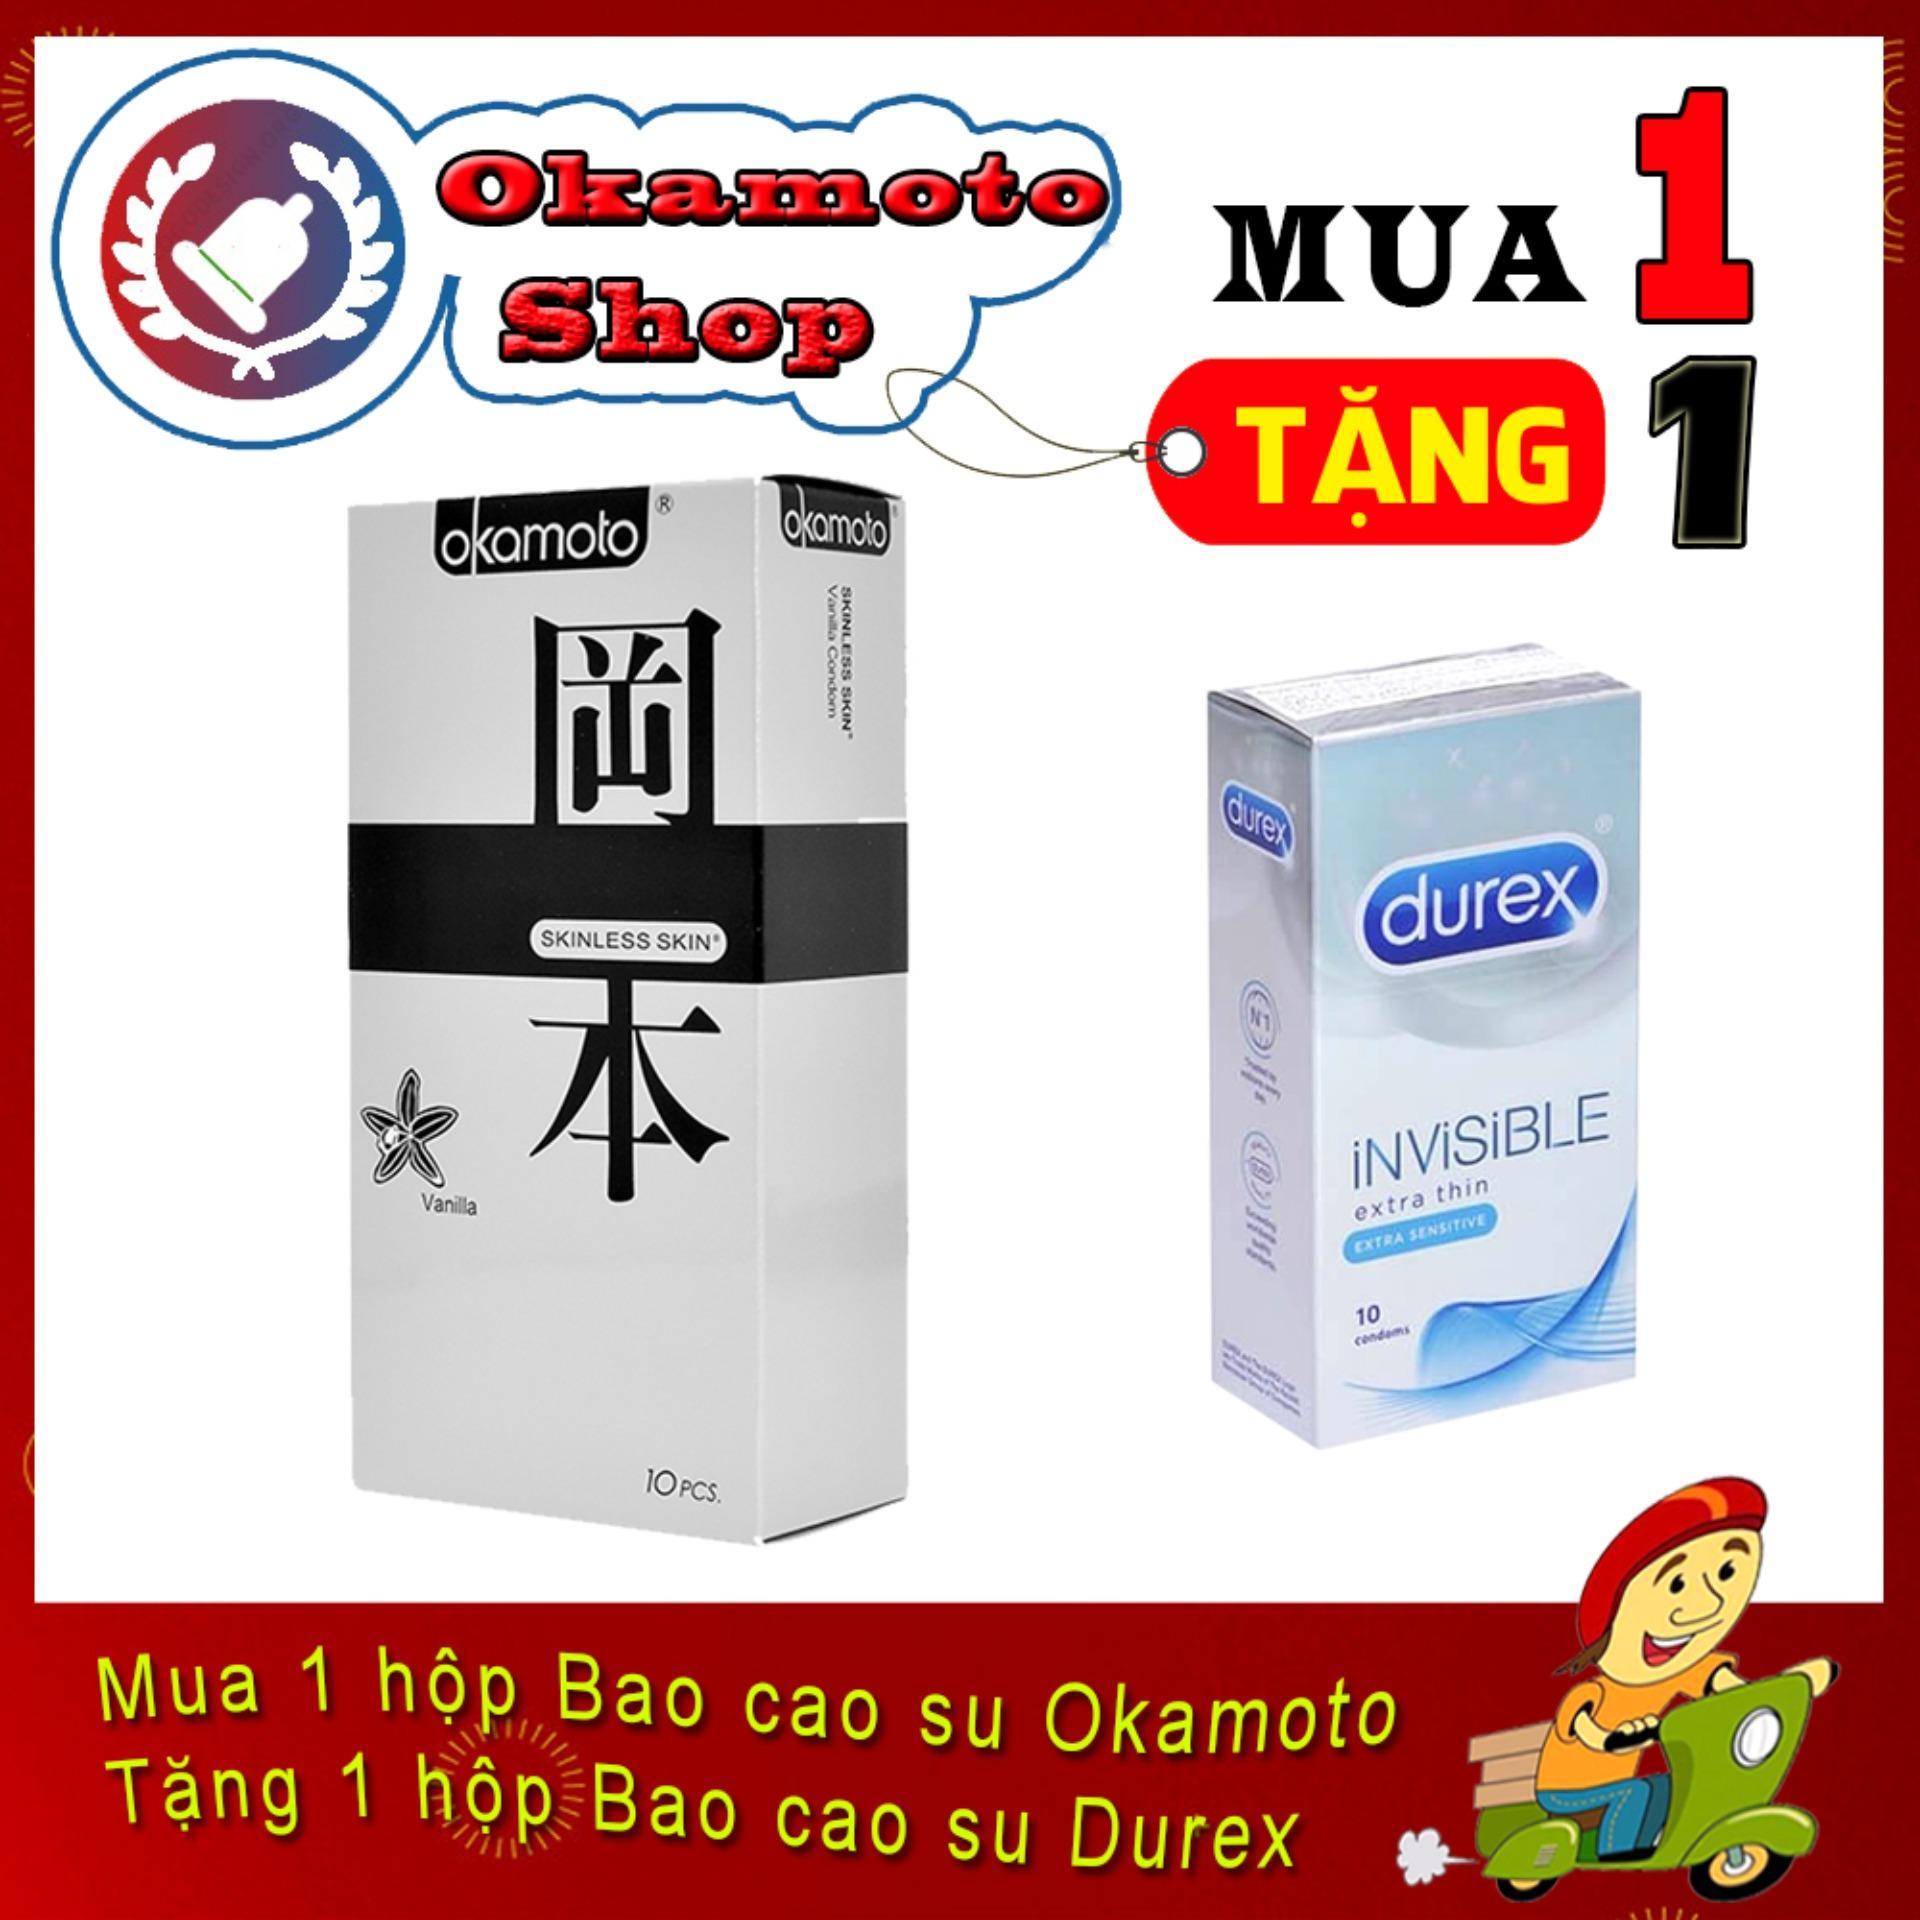 [Mua 1 tặng 1] Bao Cao Su Okamoto Vanilla Hương Vani 10s - Tặng Bao cao su Durex Invisible cực siêu mỏng 10s